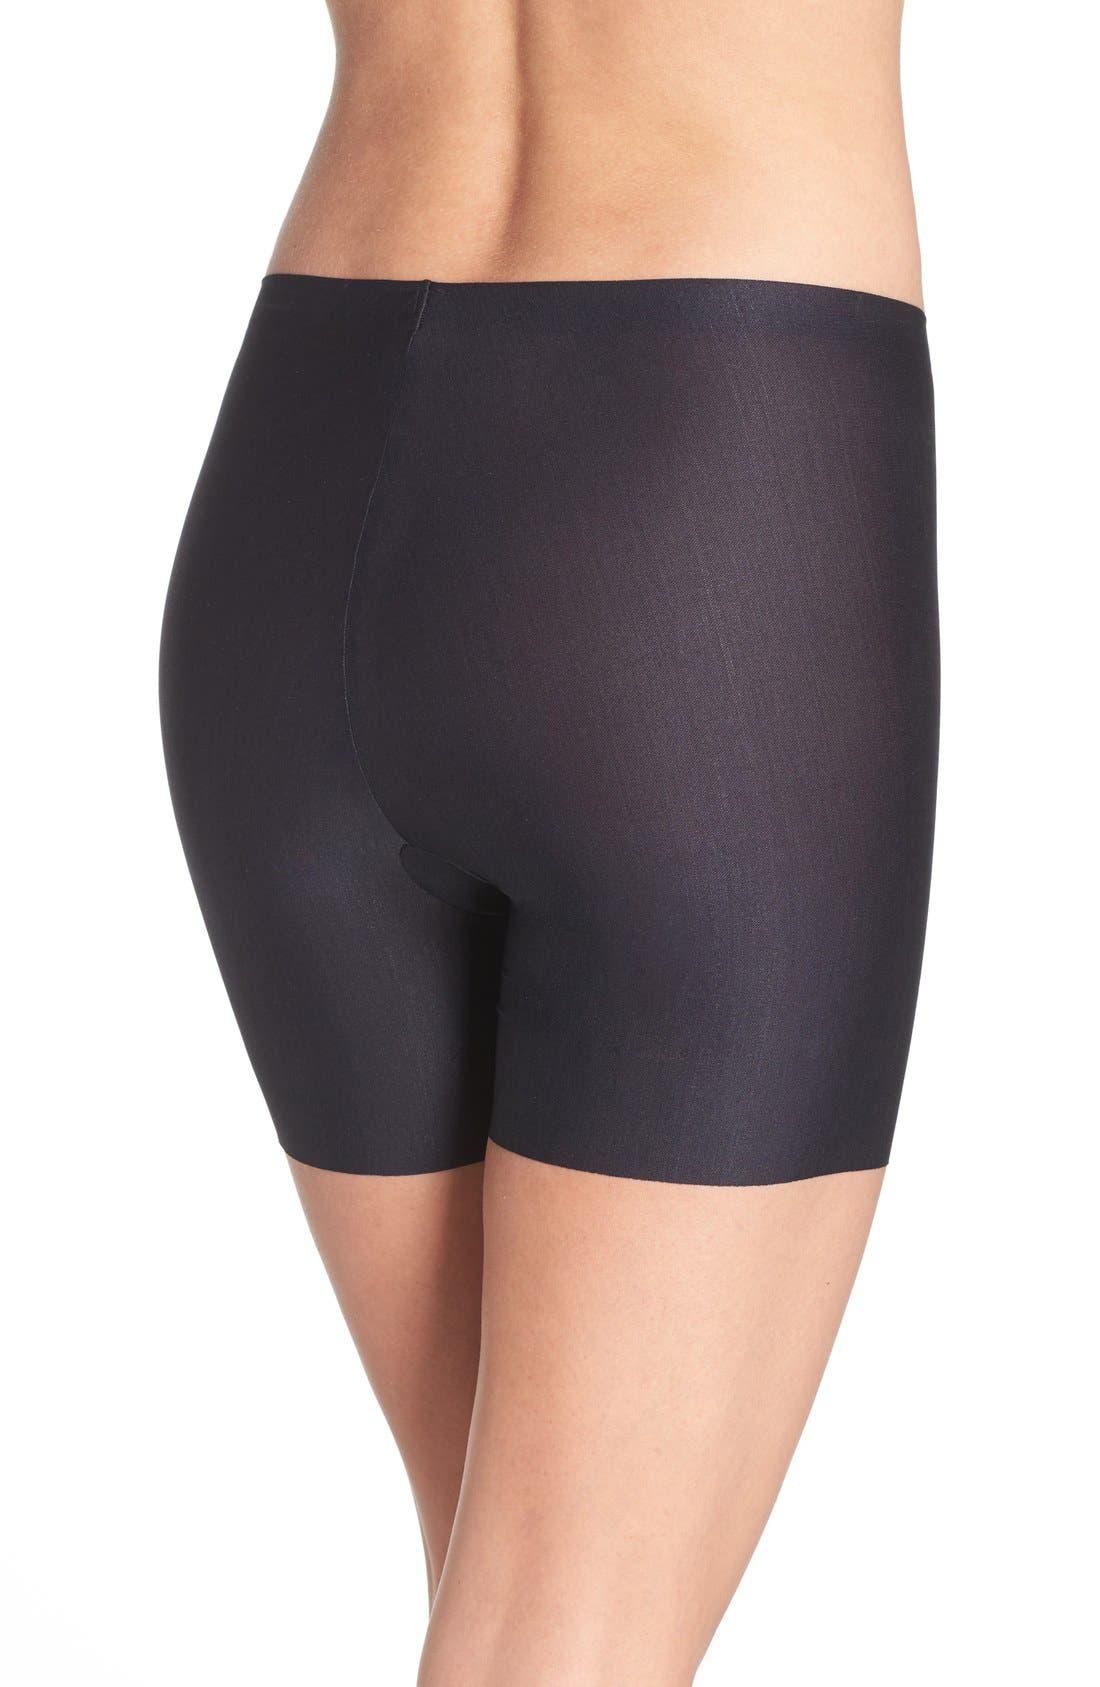 Alternate Image 2  - Wacoal Body Base Smoothing Shorts (2 for $48)